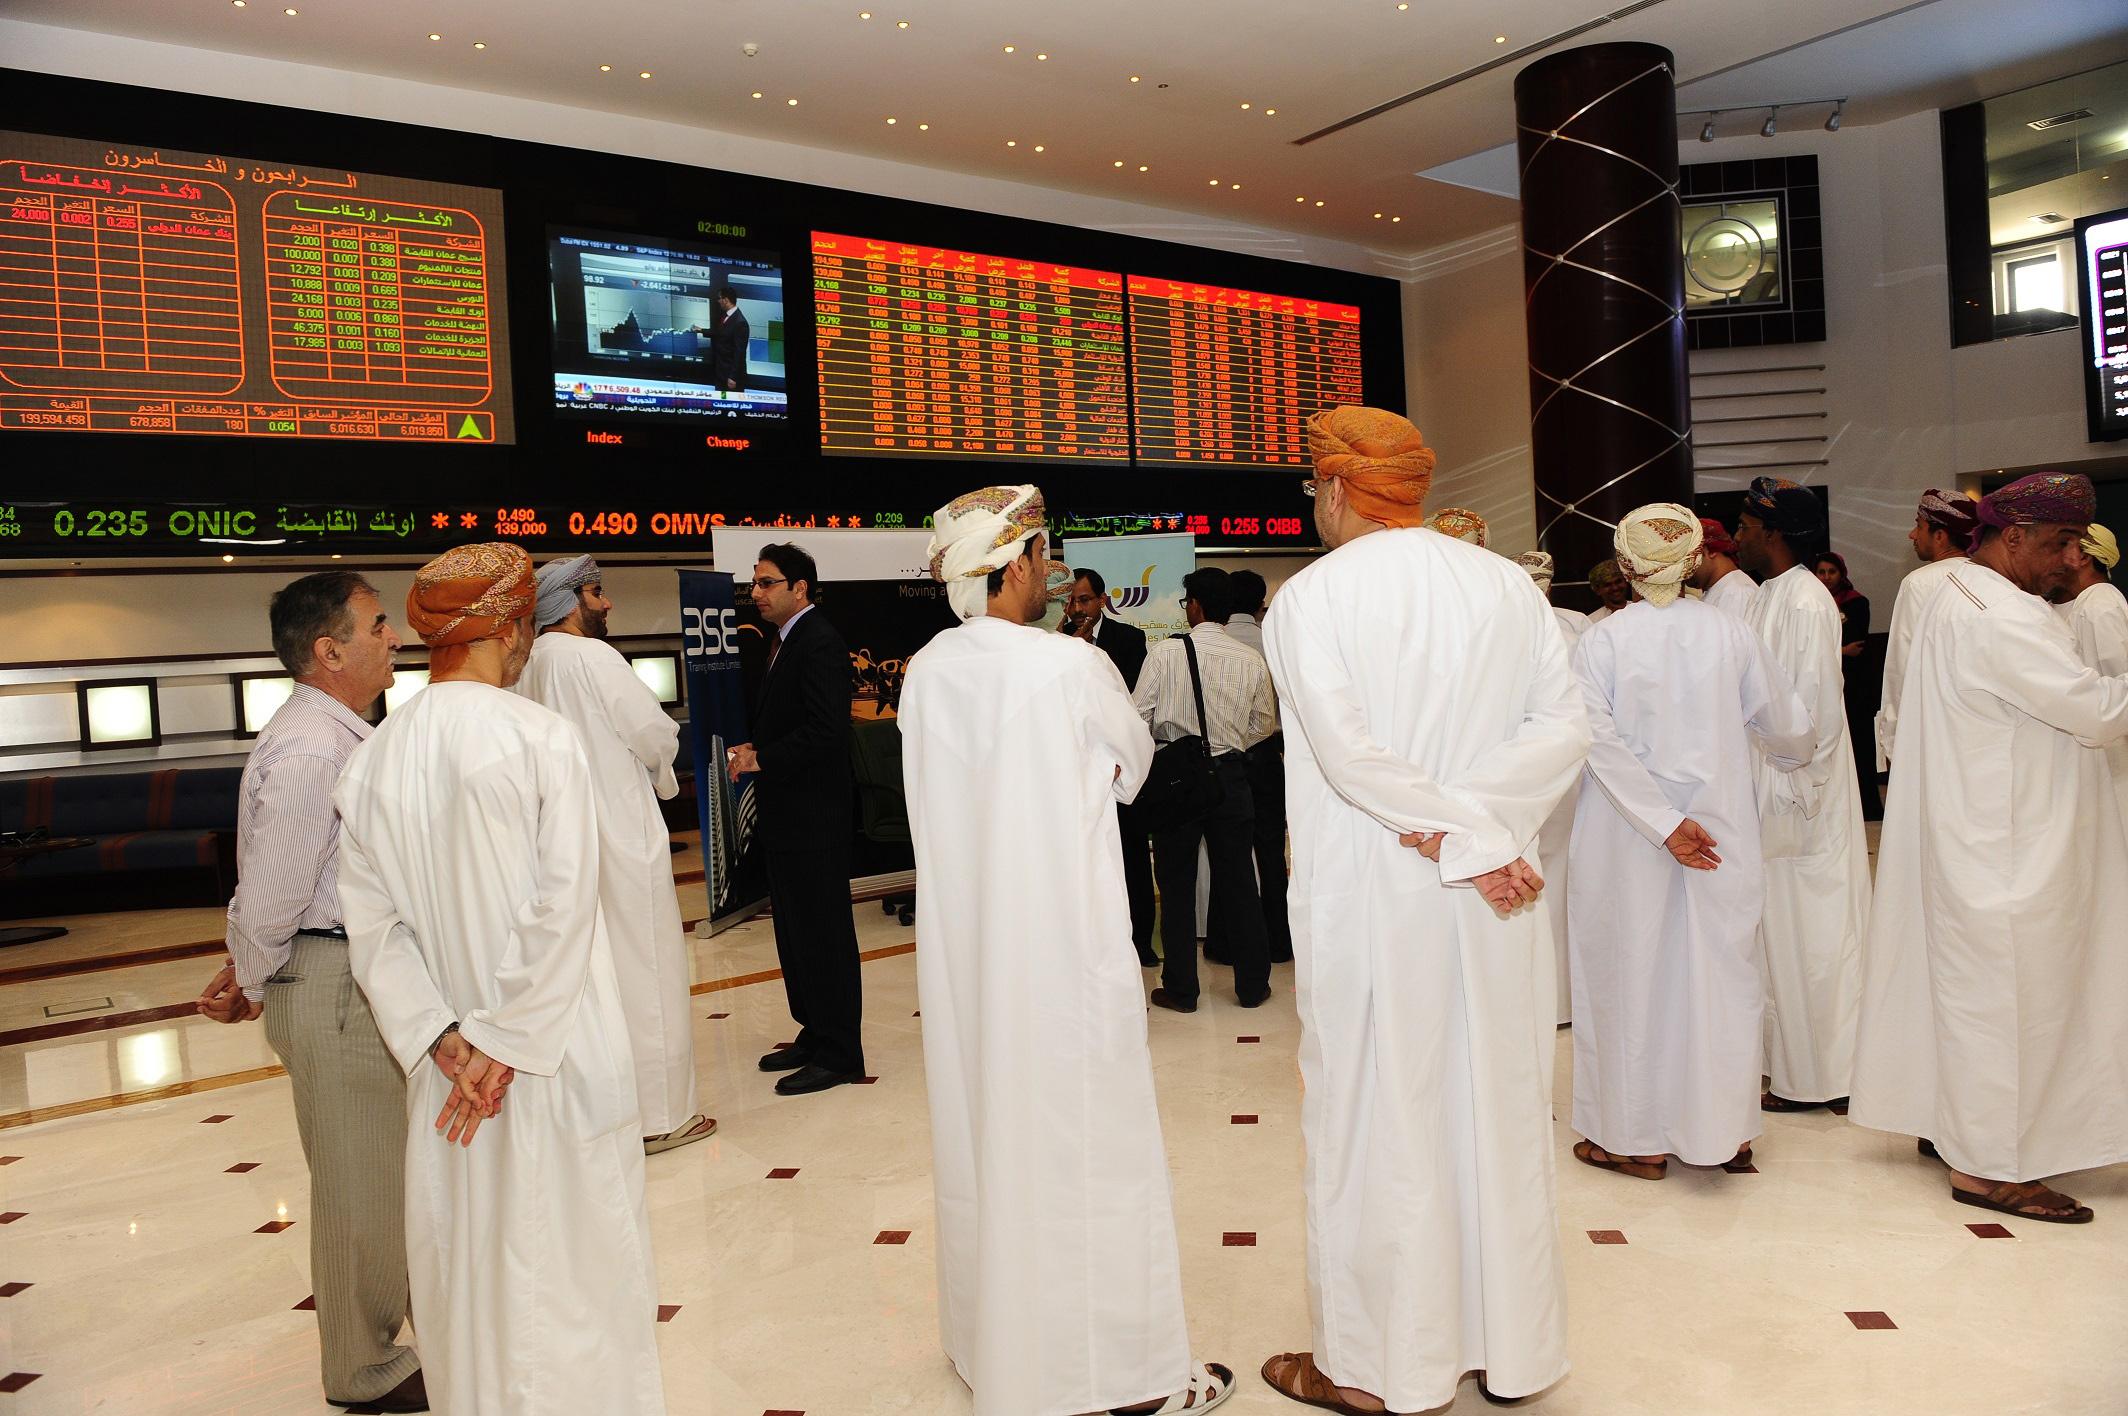 سوق مسقط تنتعش في سبتمبر والمؤشر يقفز بنسبة 2.8%